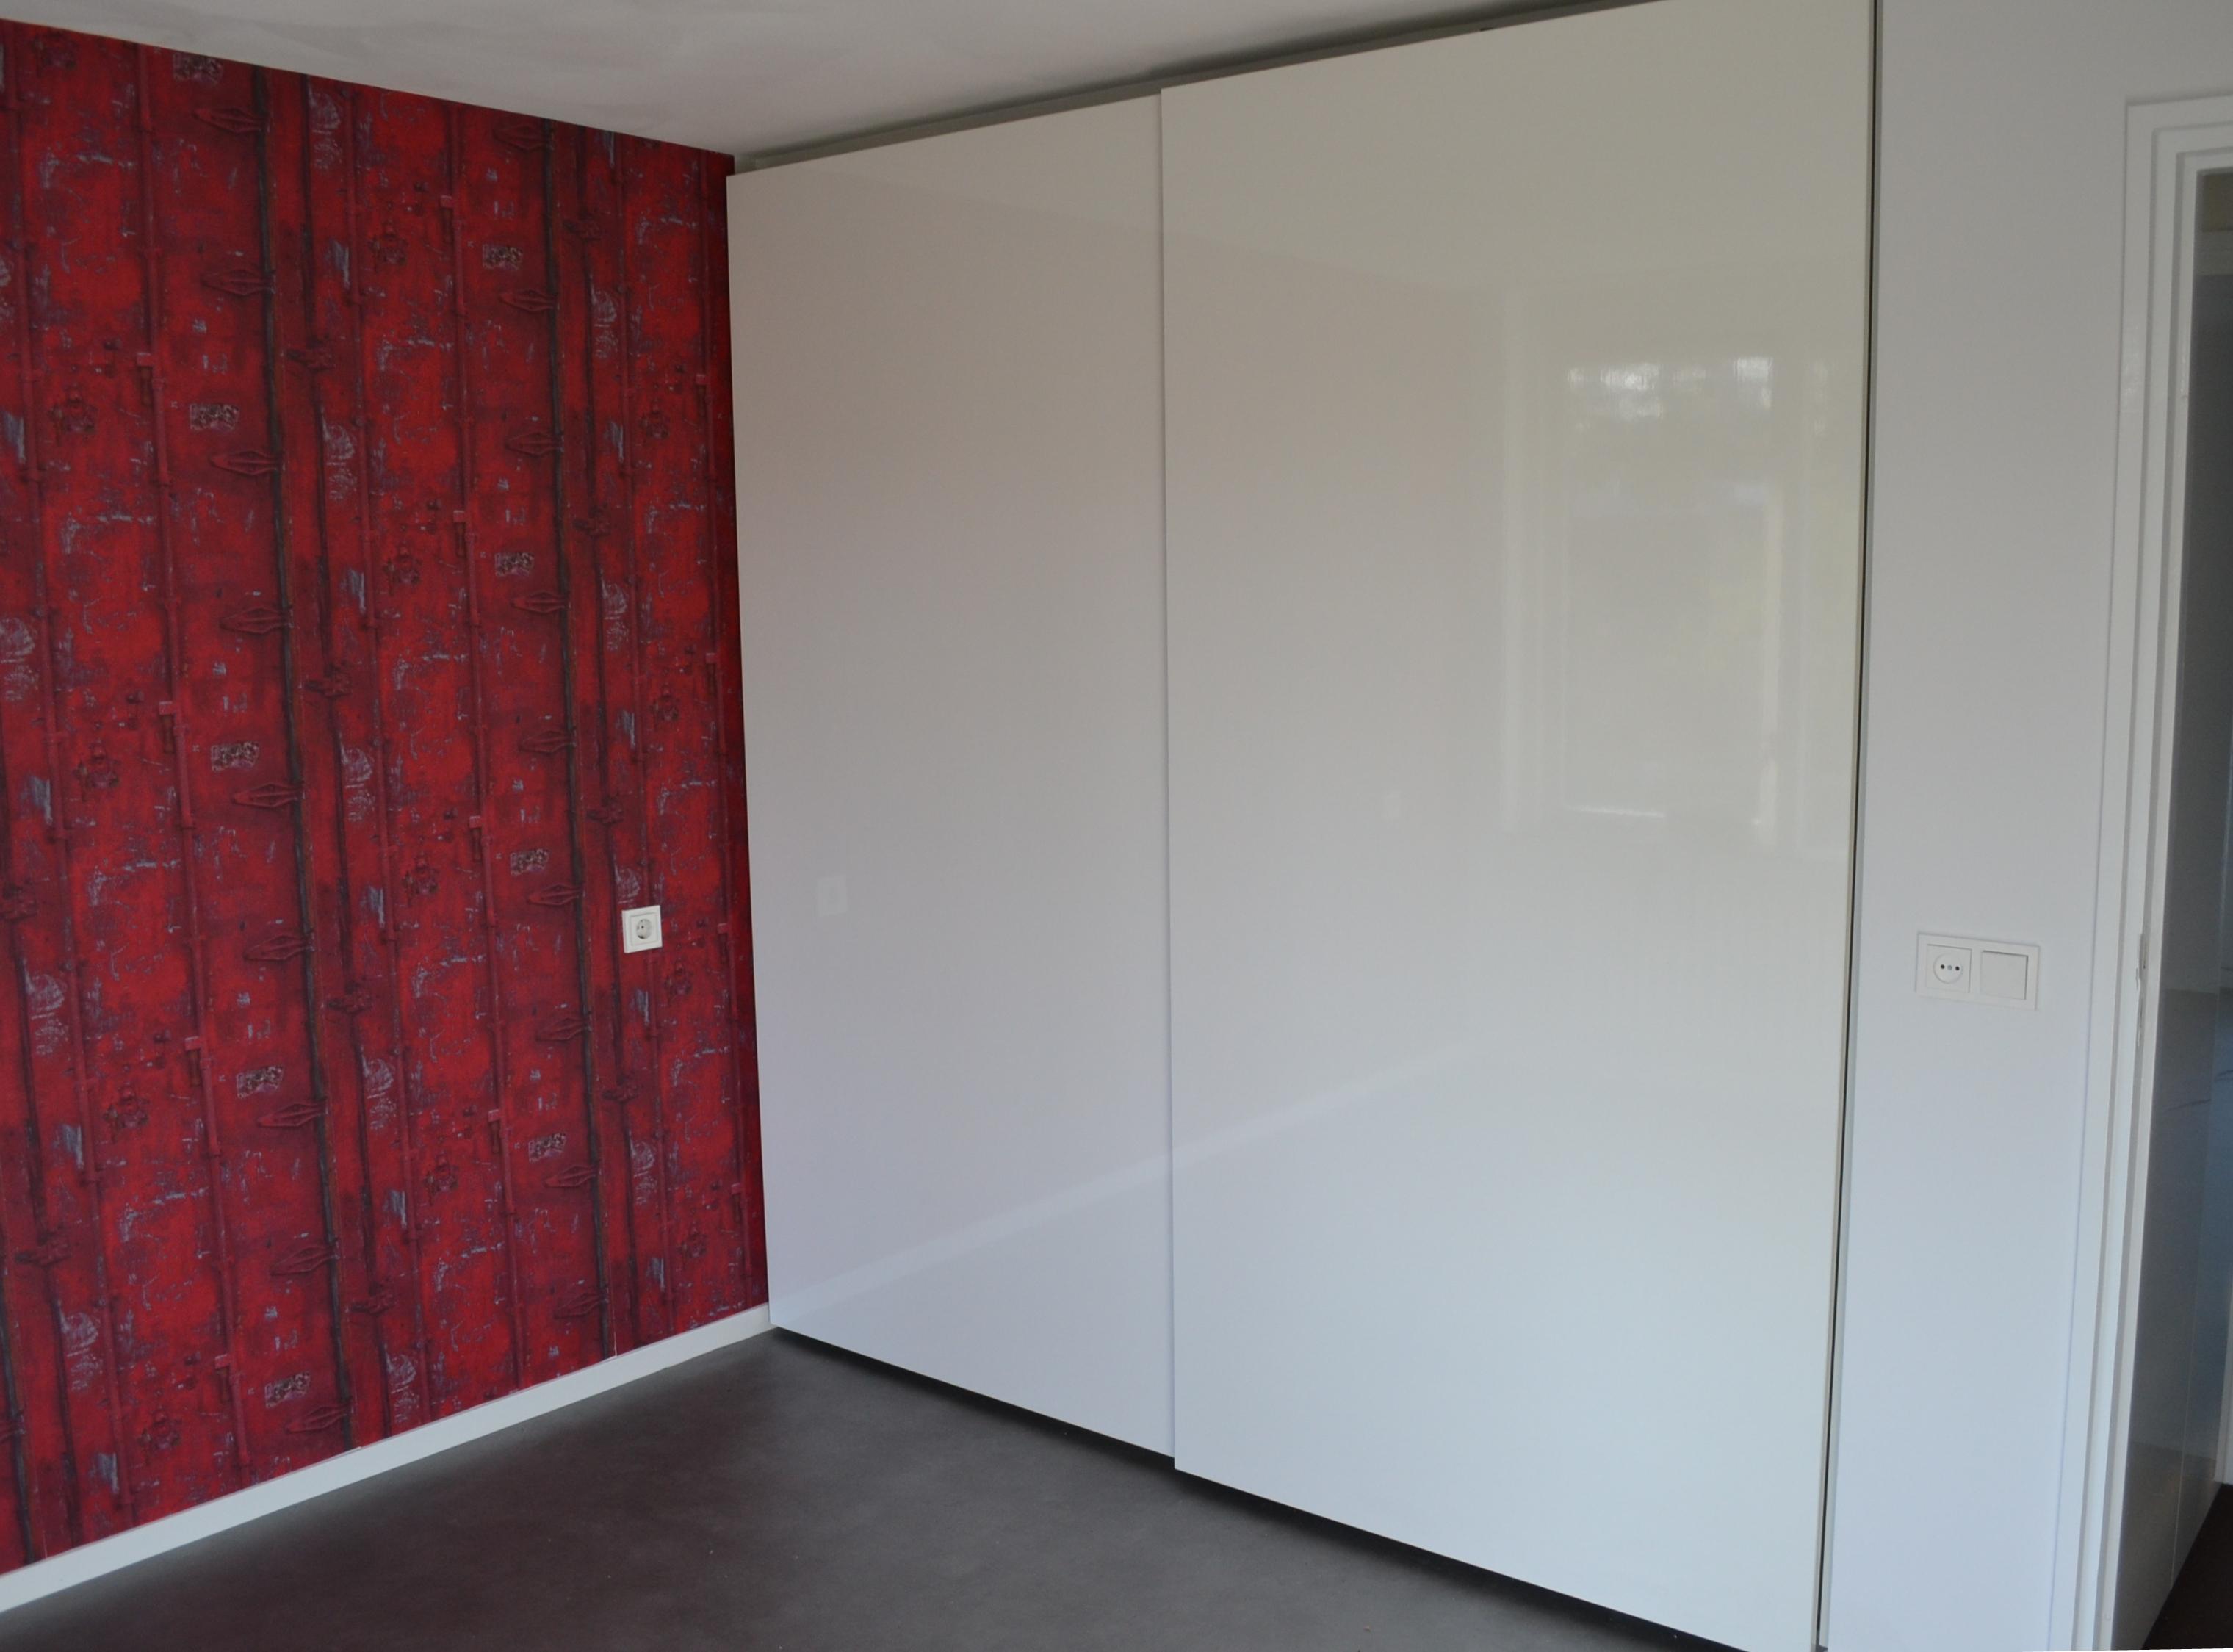 Slaapkamer Kast Schuifdeuren : Dubbele inbouw kledingkast pdi interieurbouw